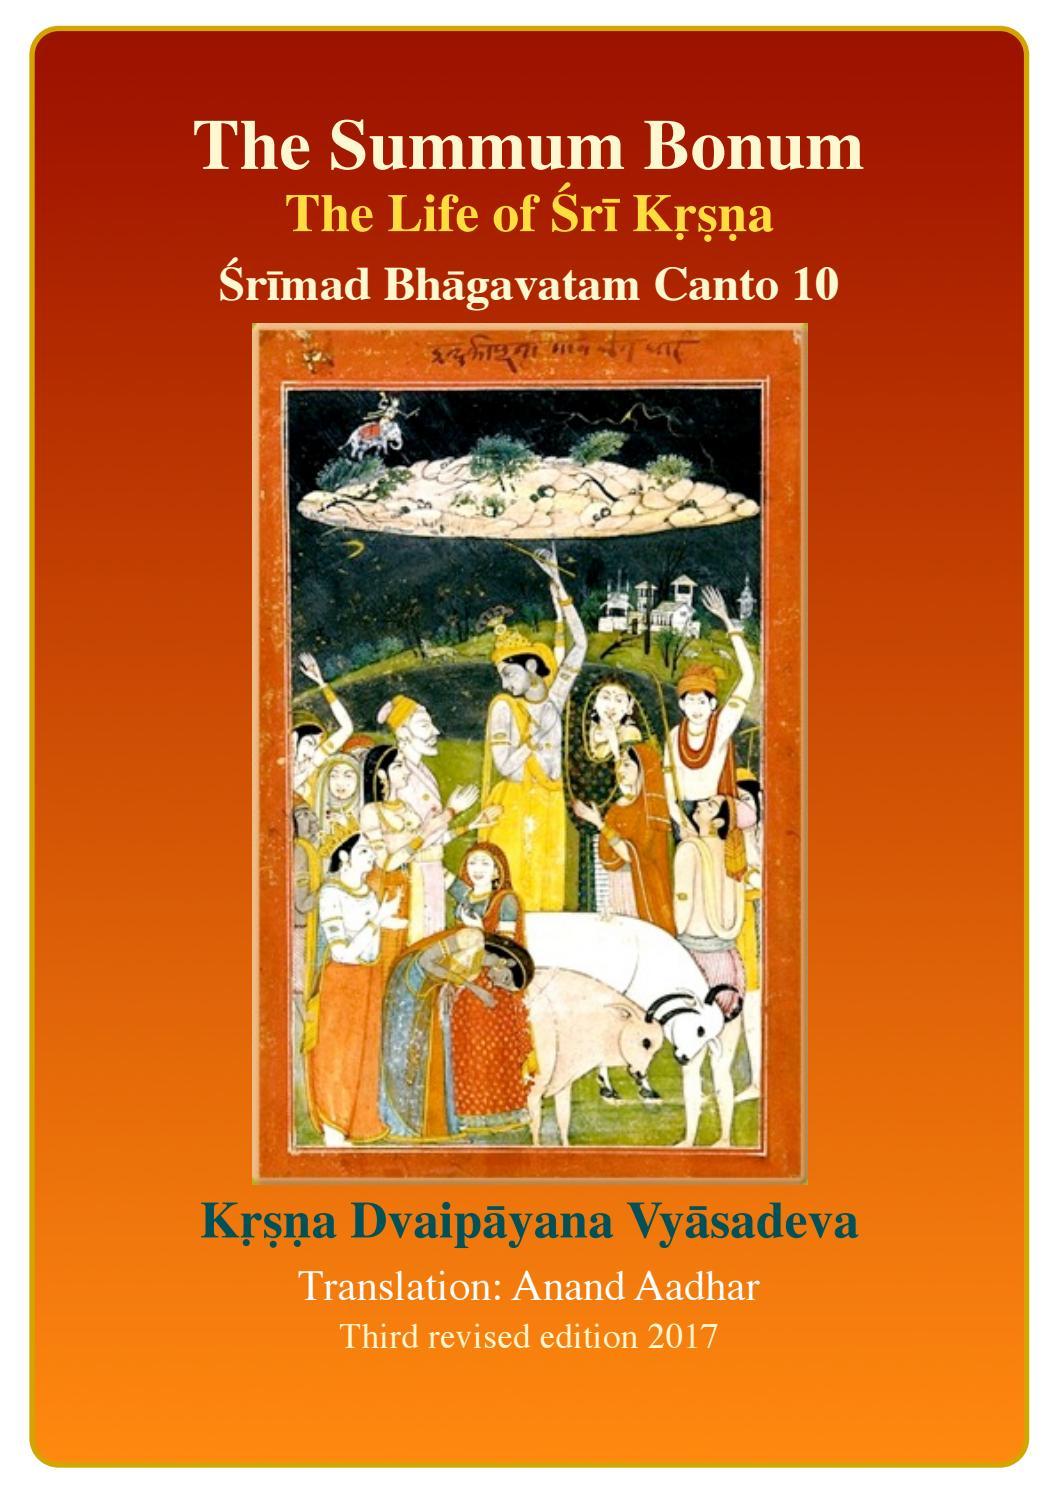 The Summum Bonum - The Life of Sri Krishna (Canto 10